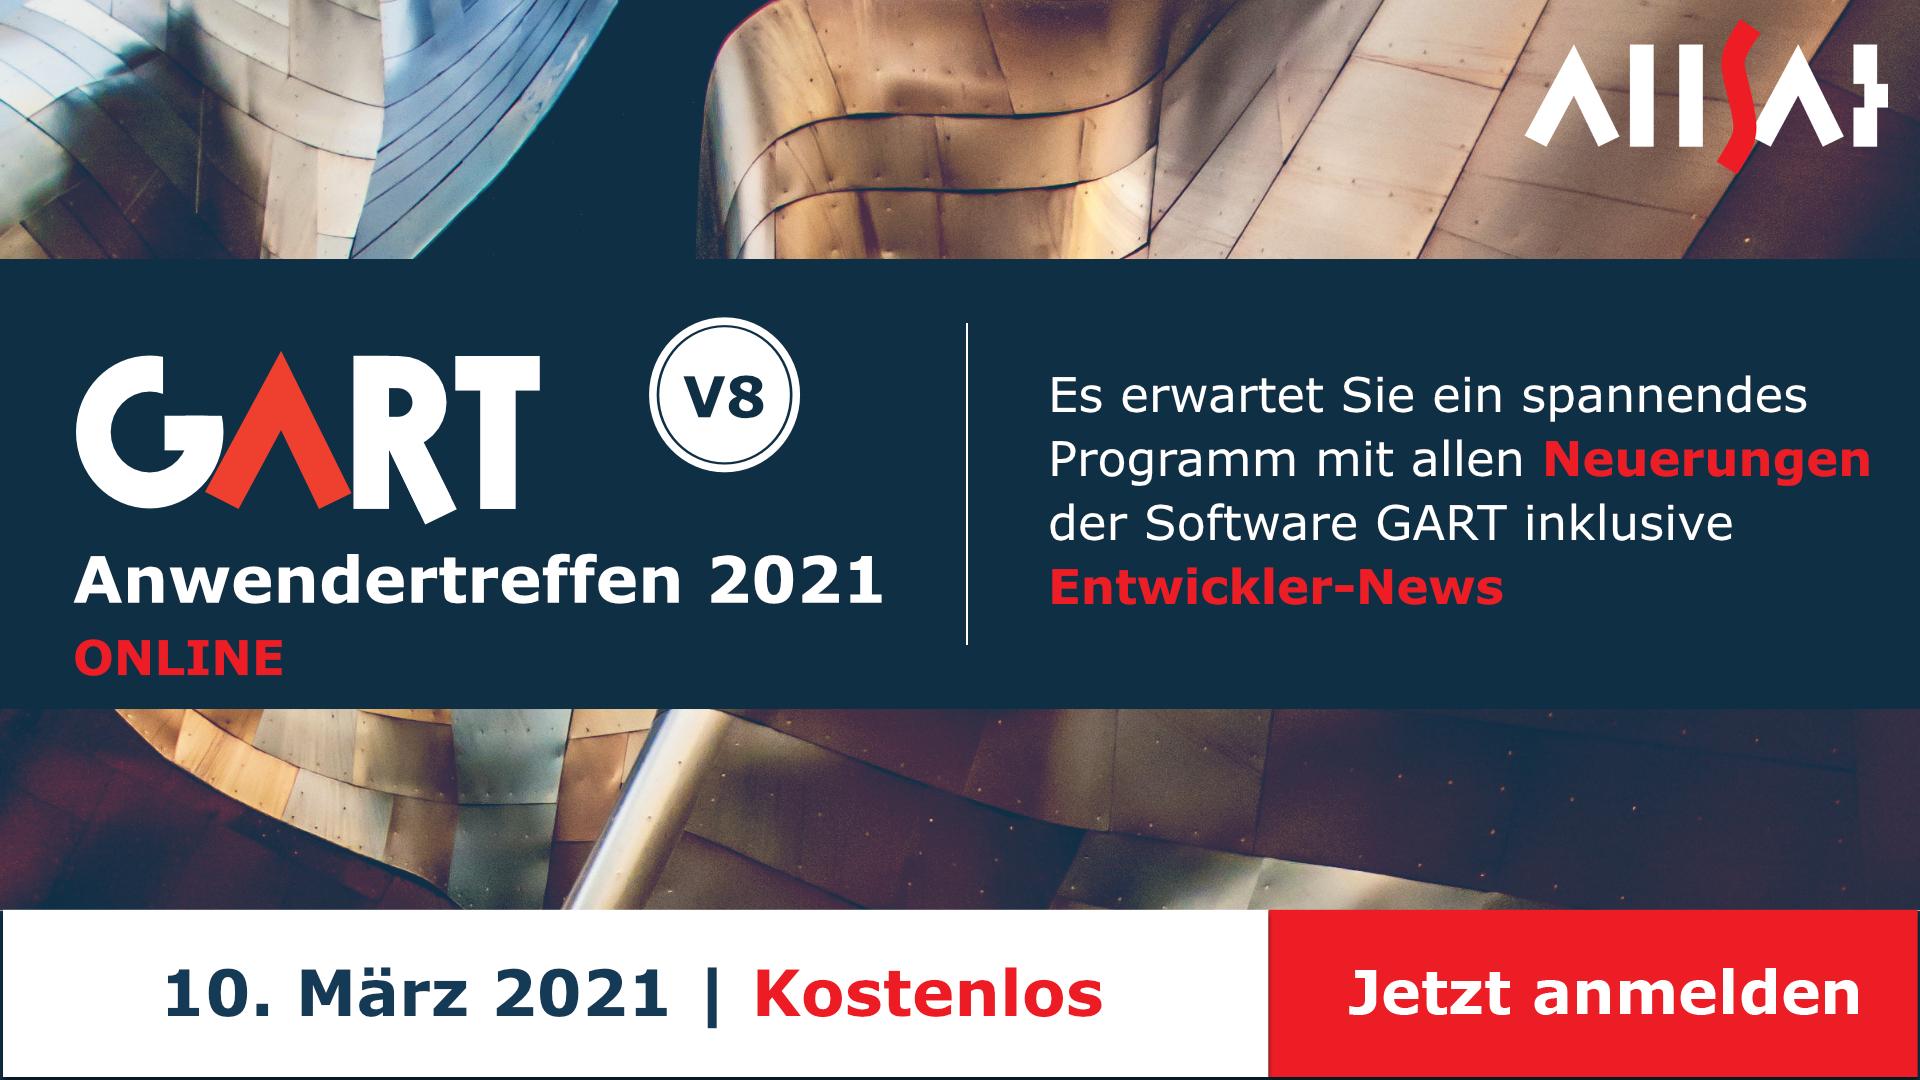 Jetzt direkt einen Platz  beim GART Anwendertreffen 2021 sichern!